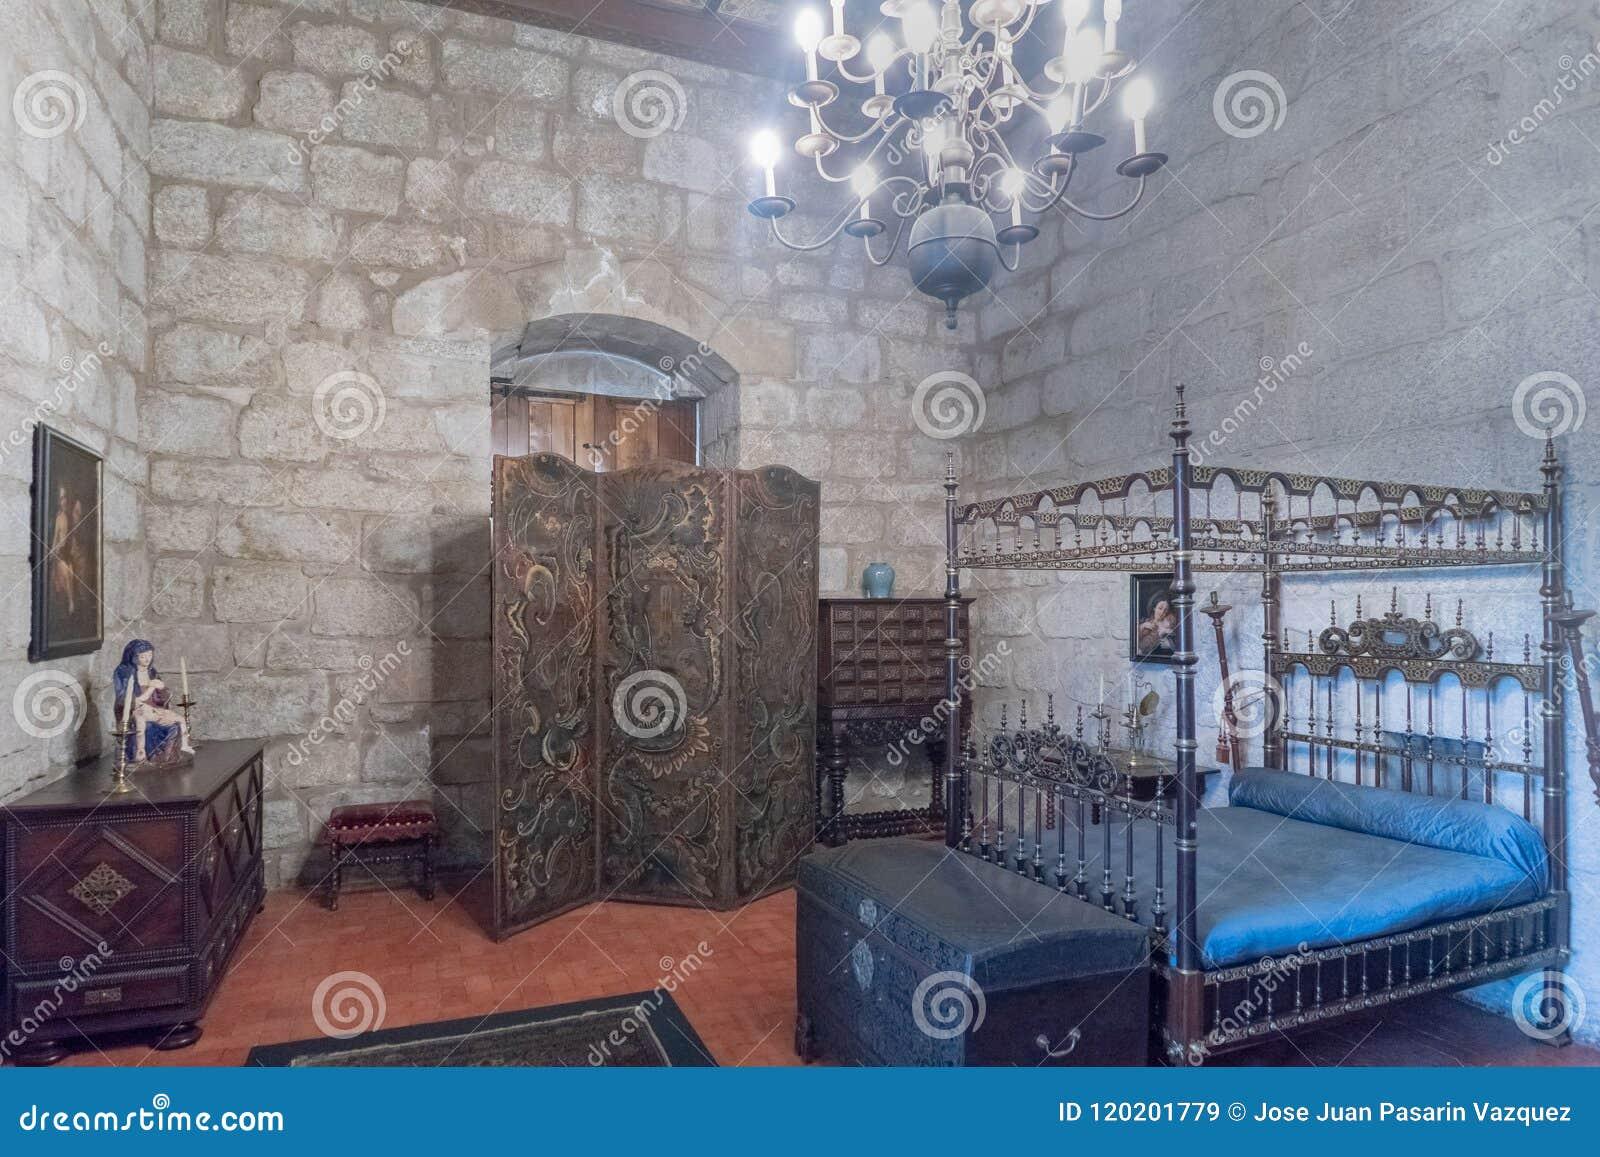 Camere Da Letto Medievali : Camera da letto medievale tipa dei duchi di braganza nel suo